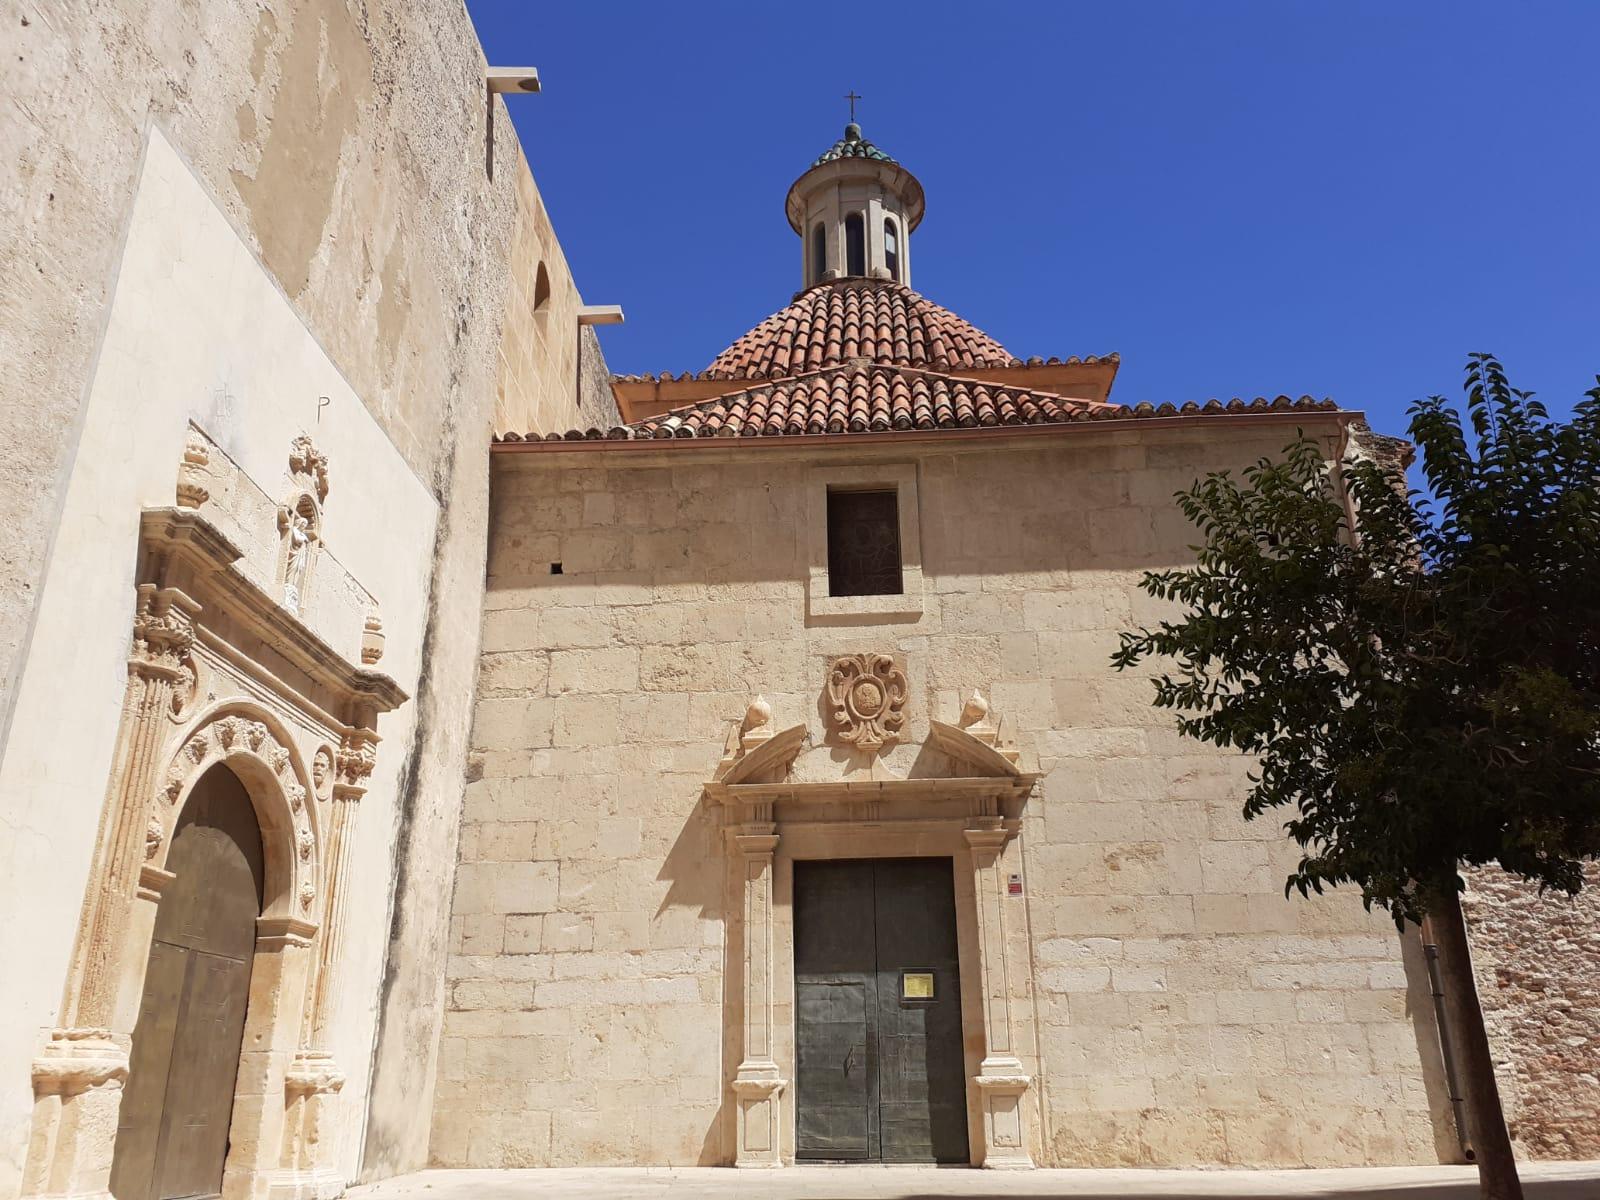 Capilla de la comunión de la Iglesia de Nuestra Señora de la Asunción